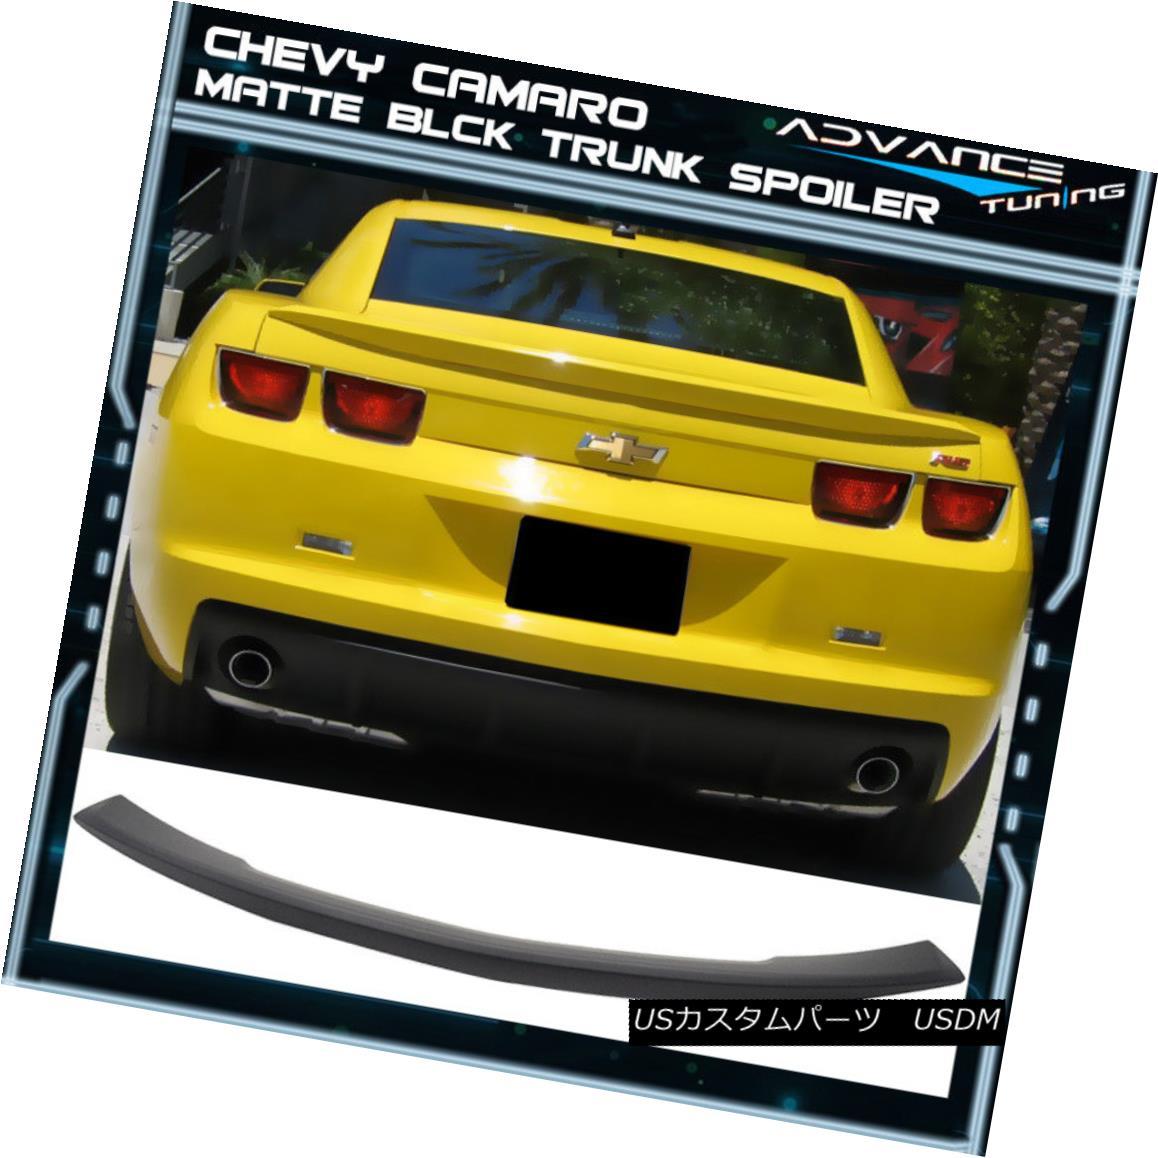 エアロパーツ Fits 10-13 Chevy Camaro OEM Factory Style Trunk Spoiler - Matte Black ABS フィット10-13シボレーカマロOEM工場スタイルのトランクスポイラー - マットブラックABS